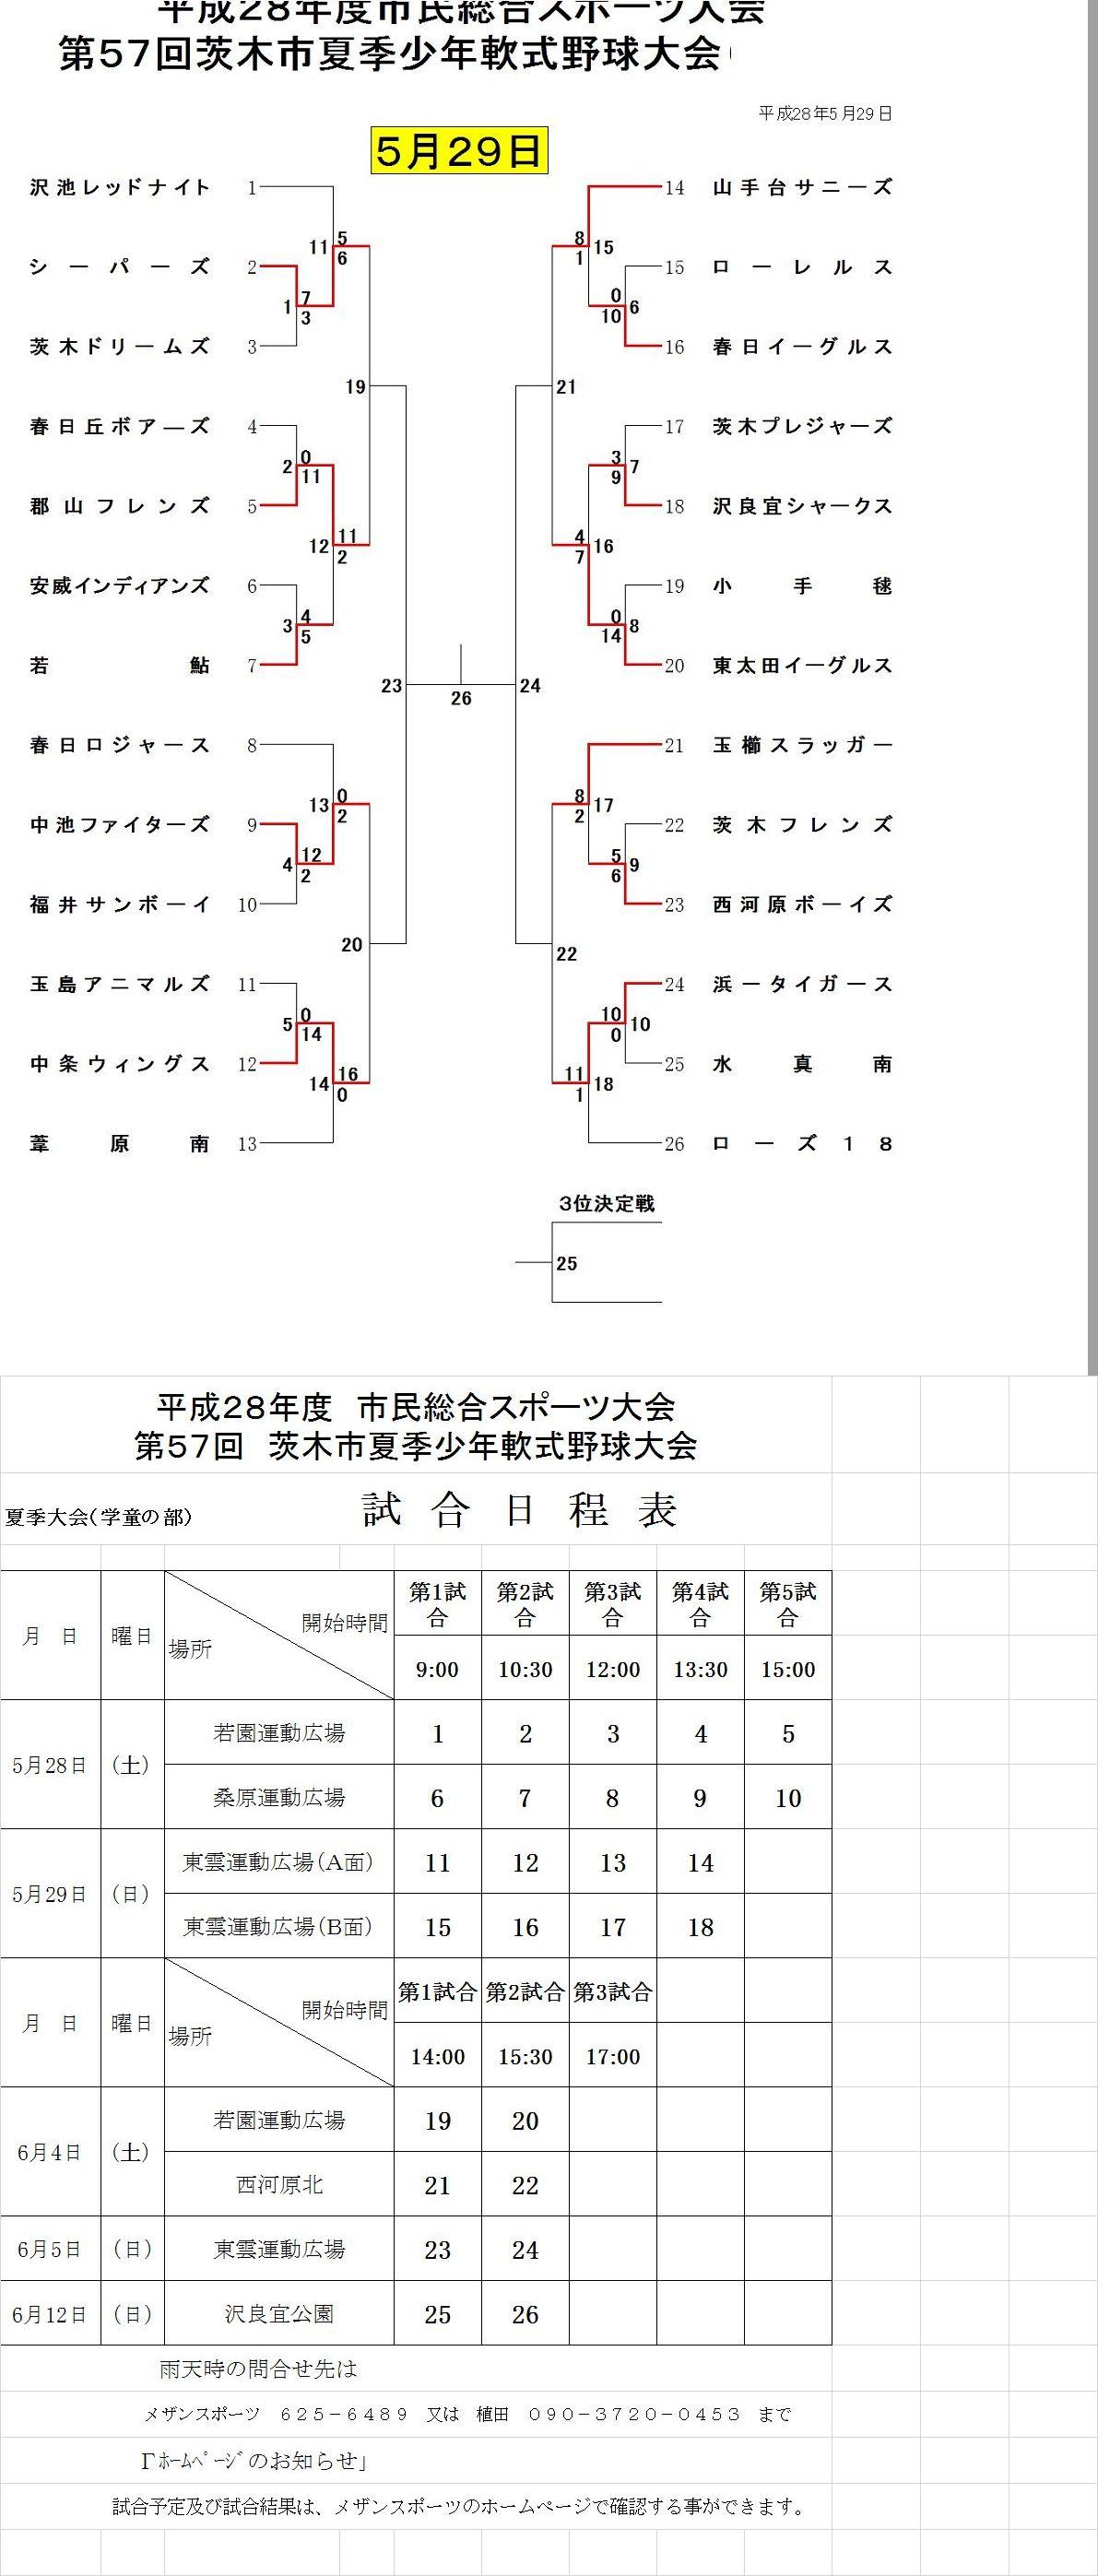 5月29日試合結果小学生